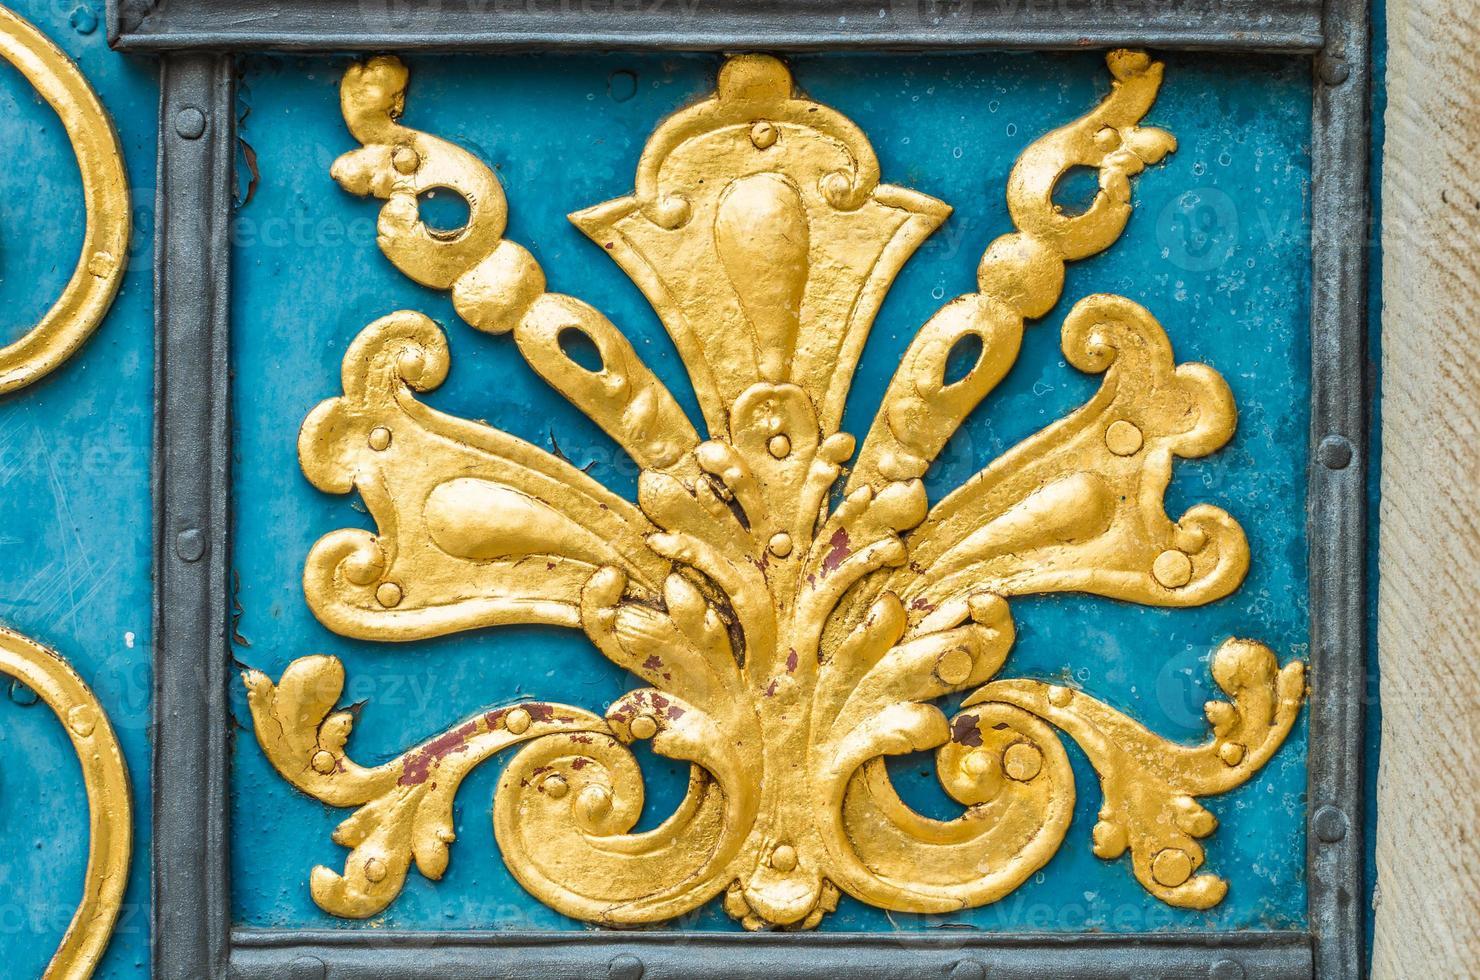 Detalle de la puerta azul decorada con adornos dorados foto